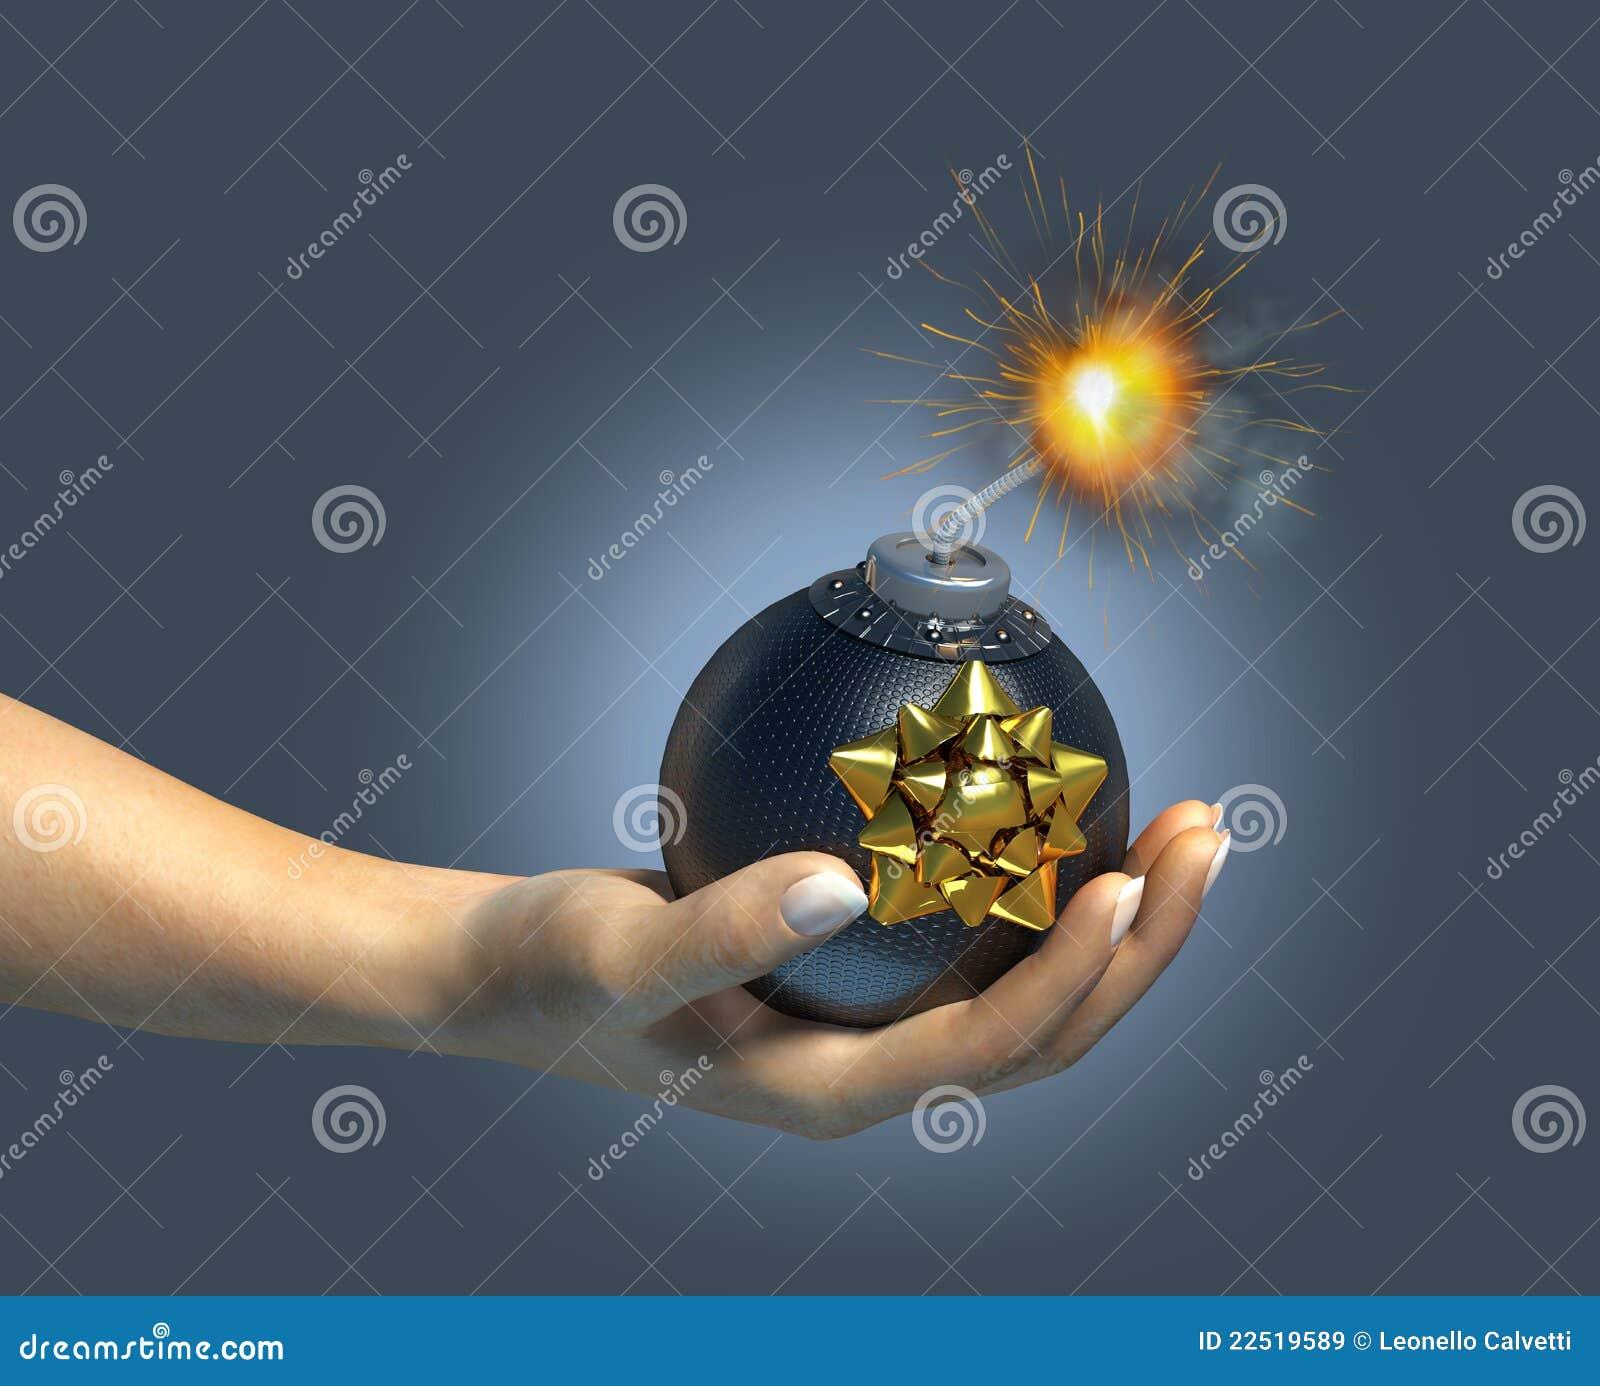 Main humaine retenant une panne/cadeau typiques.